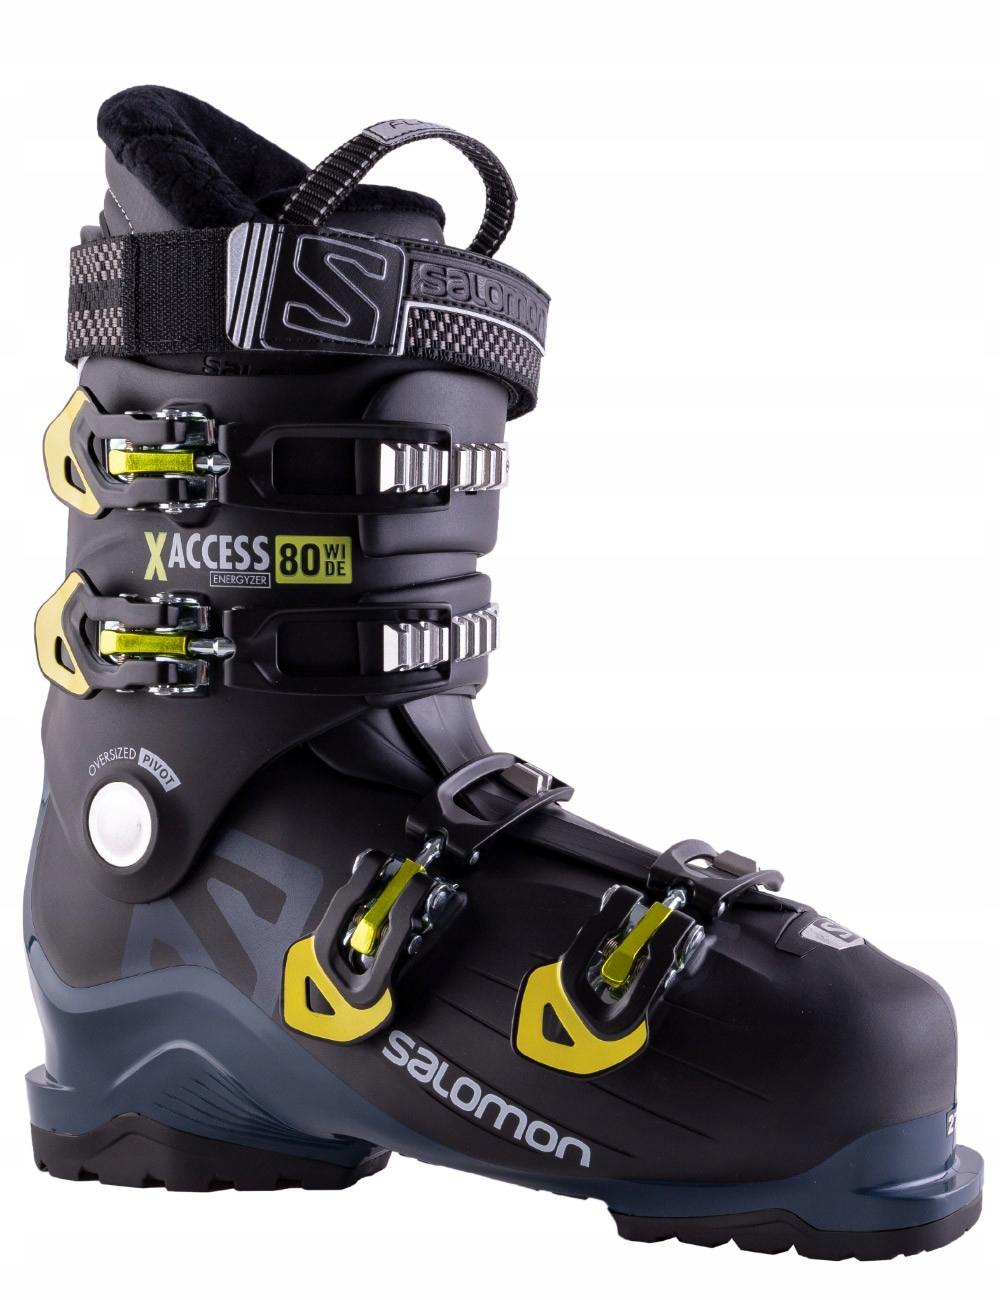 Buty Salomon X Access 80 WIDE 27.5 rozm. ski24_pl